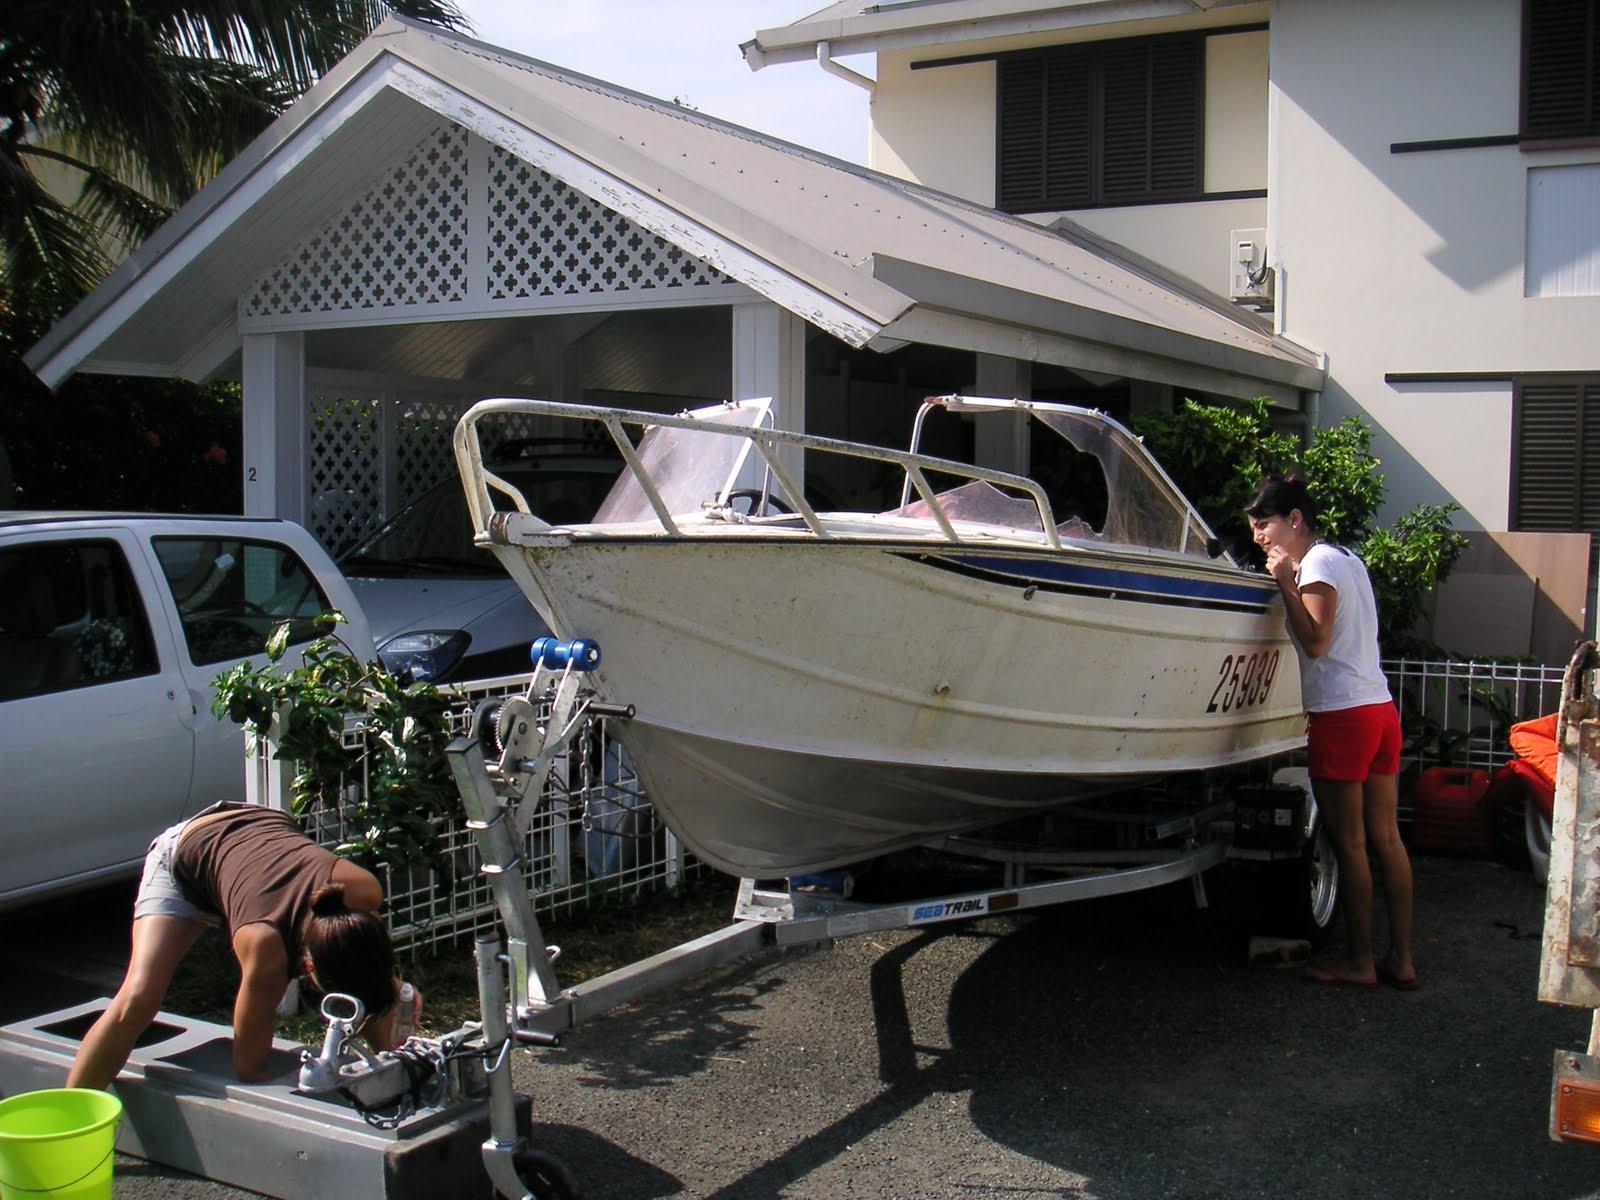 flo tonio l o en nouvelle cal donie l 39 achat du bateau. Black Bedroom Furniture Sets. Home Design Ideas